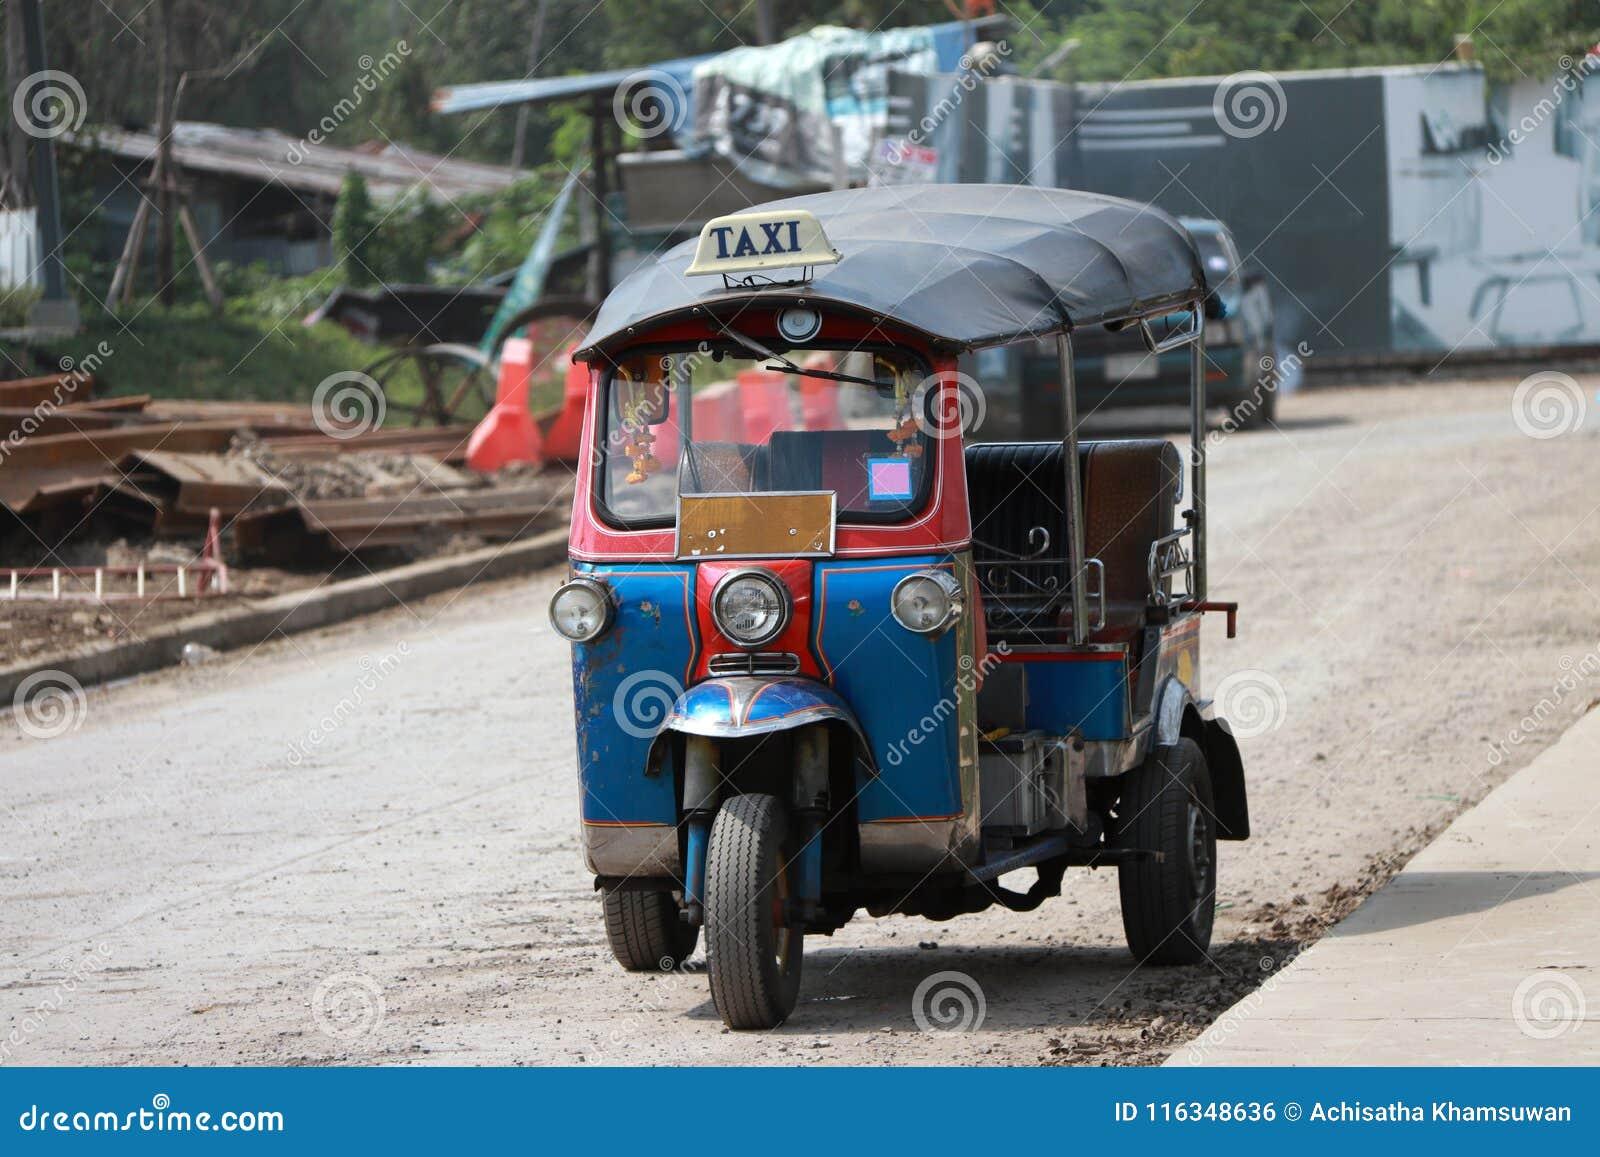 Το Tuk Tuk είναι ένας τρίτροχος μηχανοποιημένος φορέας που χρησιμοποιείται ως ταξί